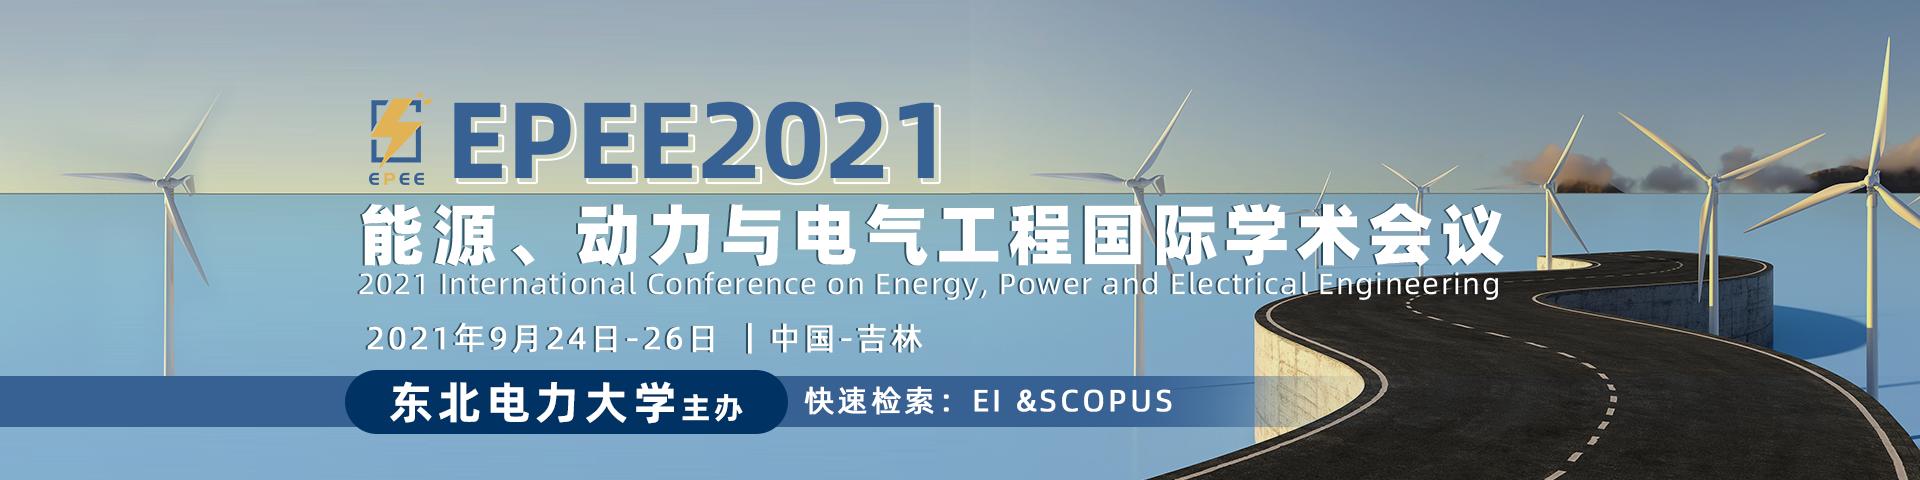 9月吉林站-EPEE2021艾思banner-何雪仪-20210209.png